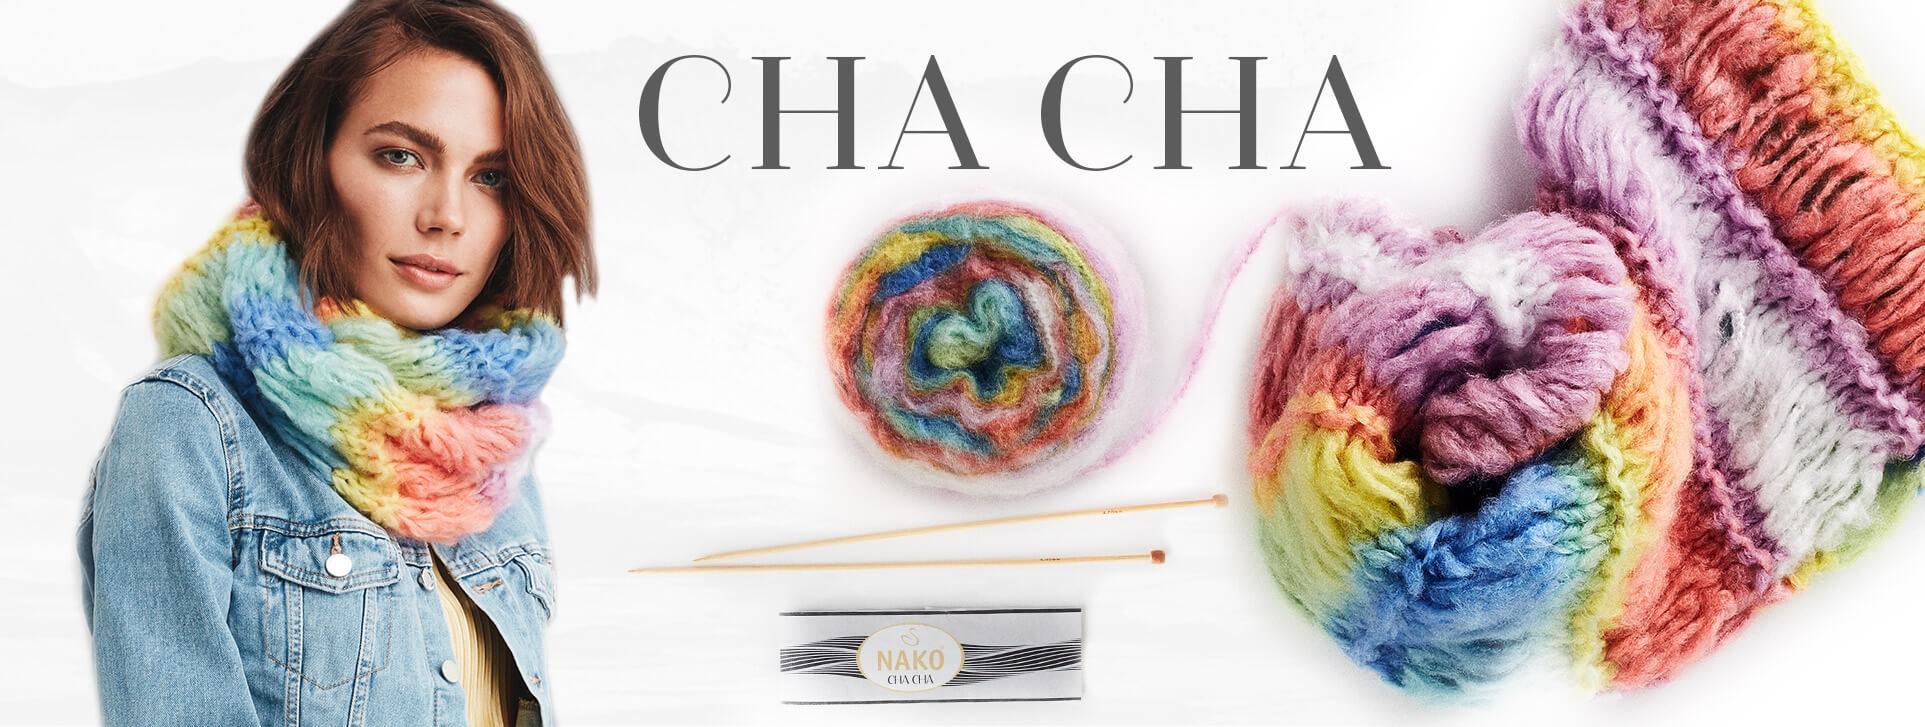 chacha-05